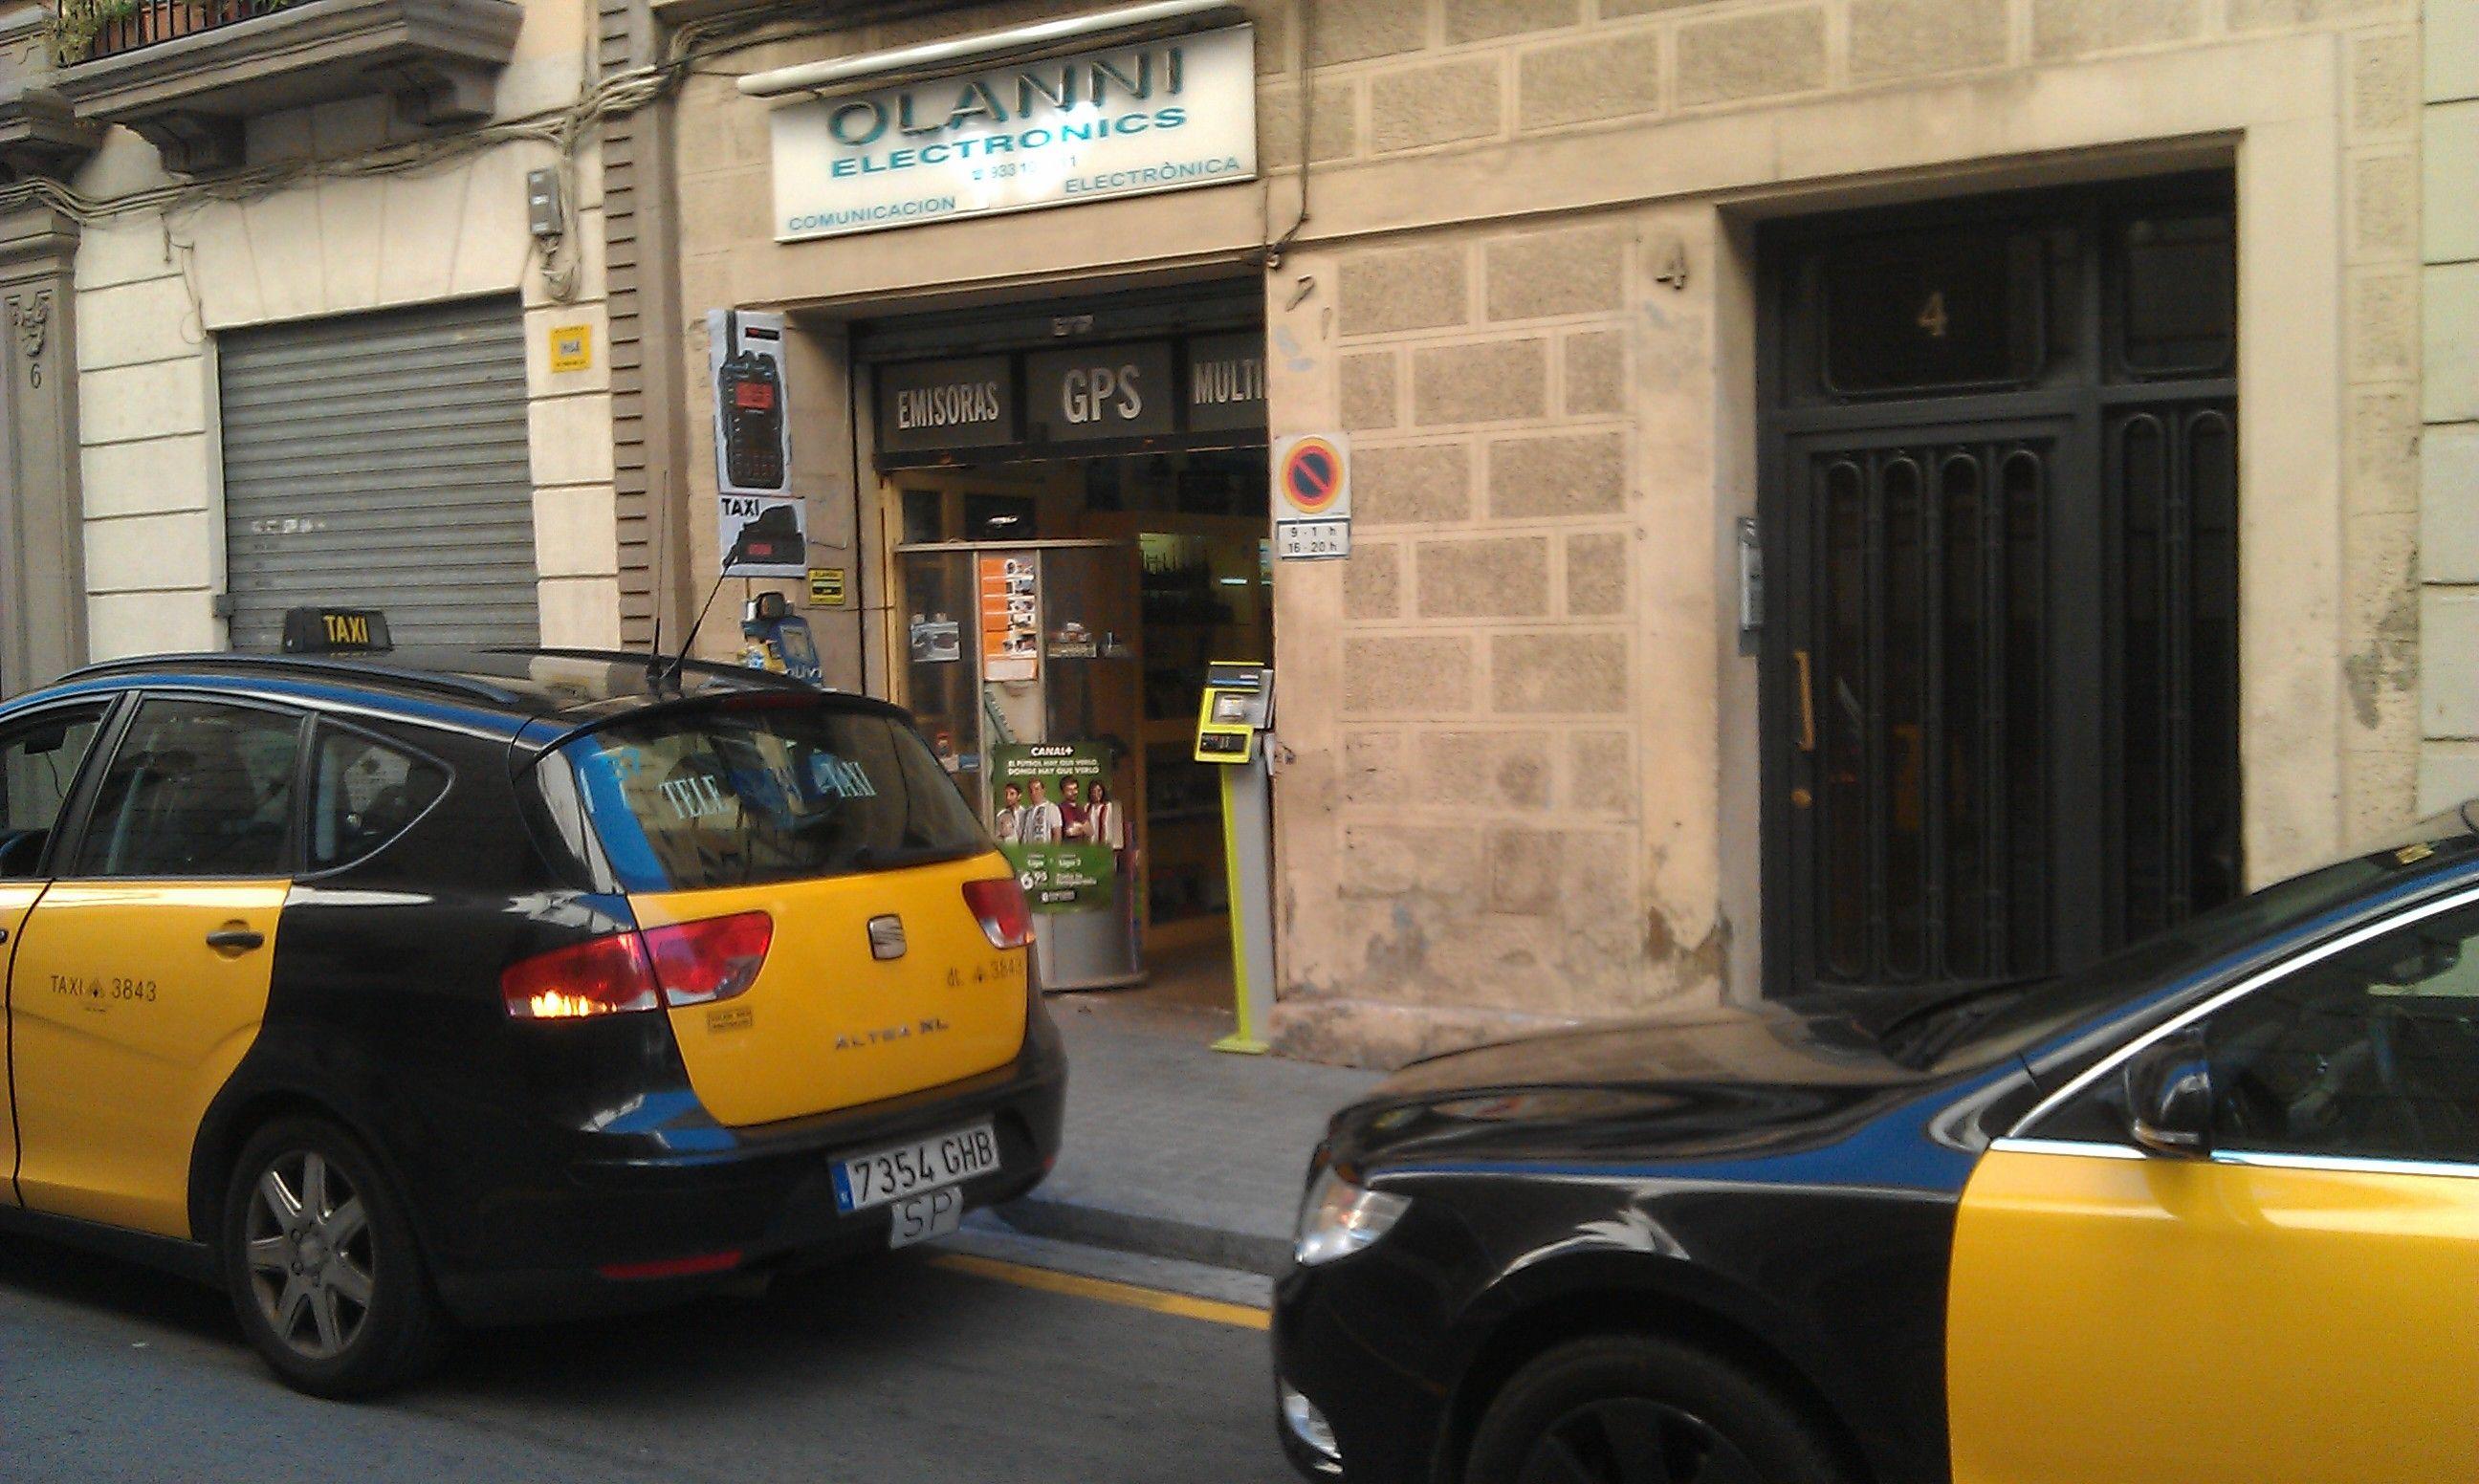 Foto 3 de Telefonía (equipos y reparación) en Barcelona   Olanni Electronics